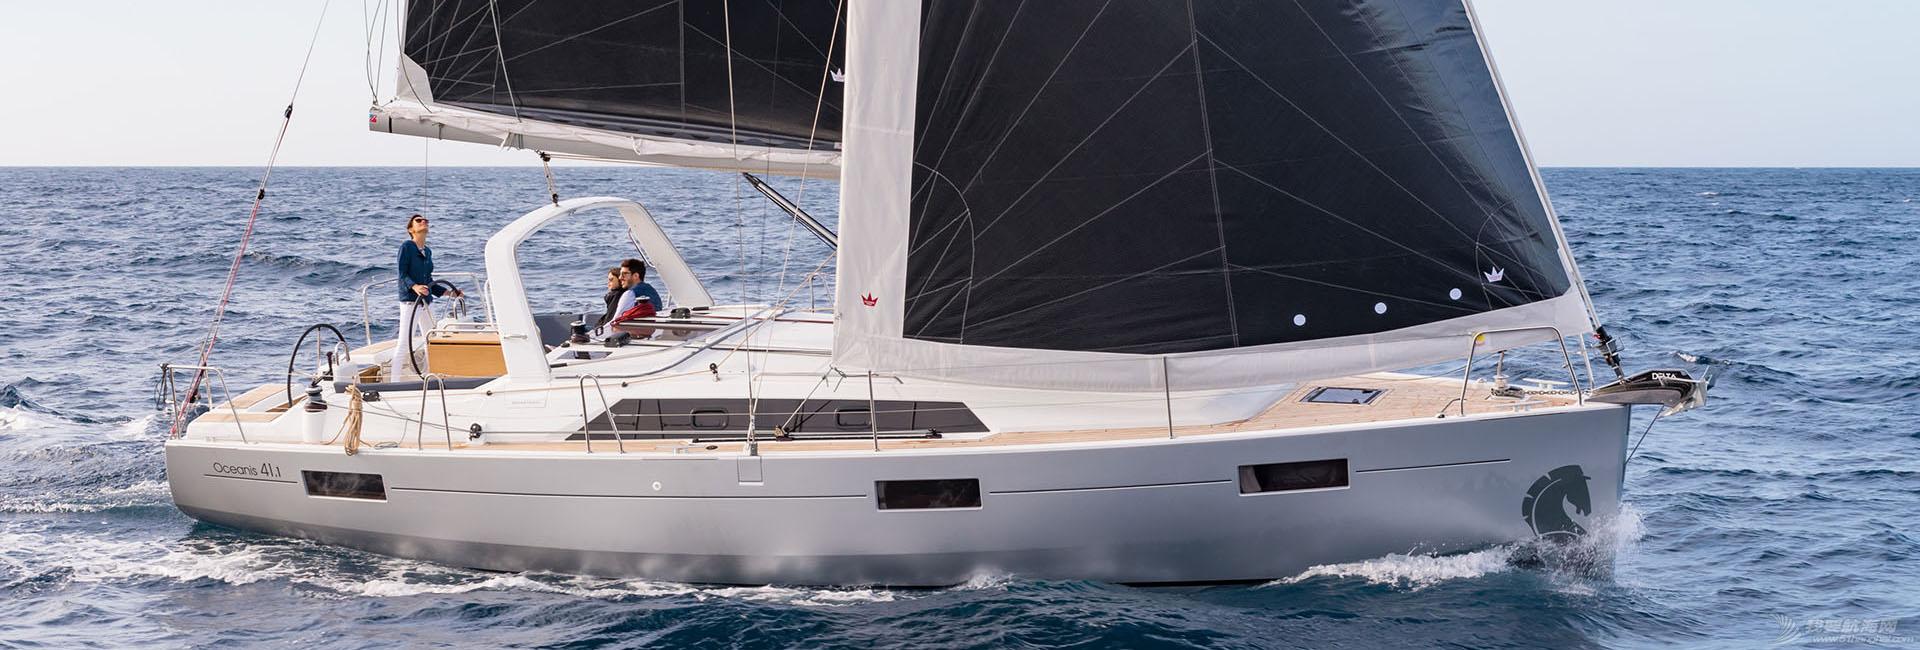 全新Oceanis 41.1新船在售